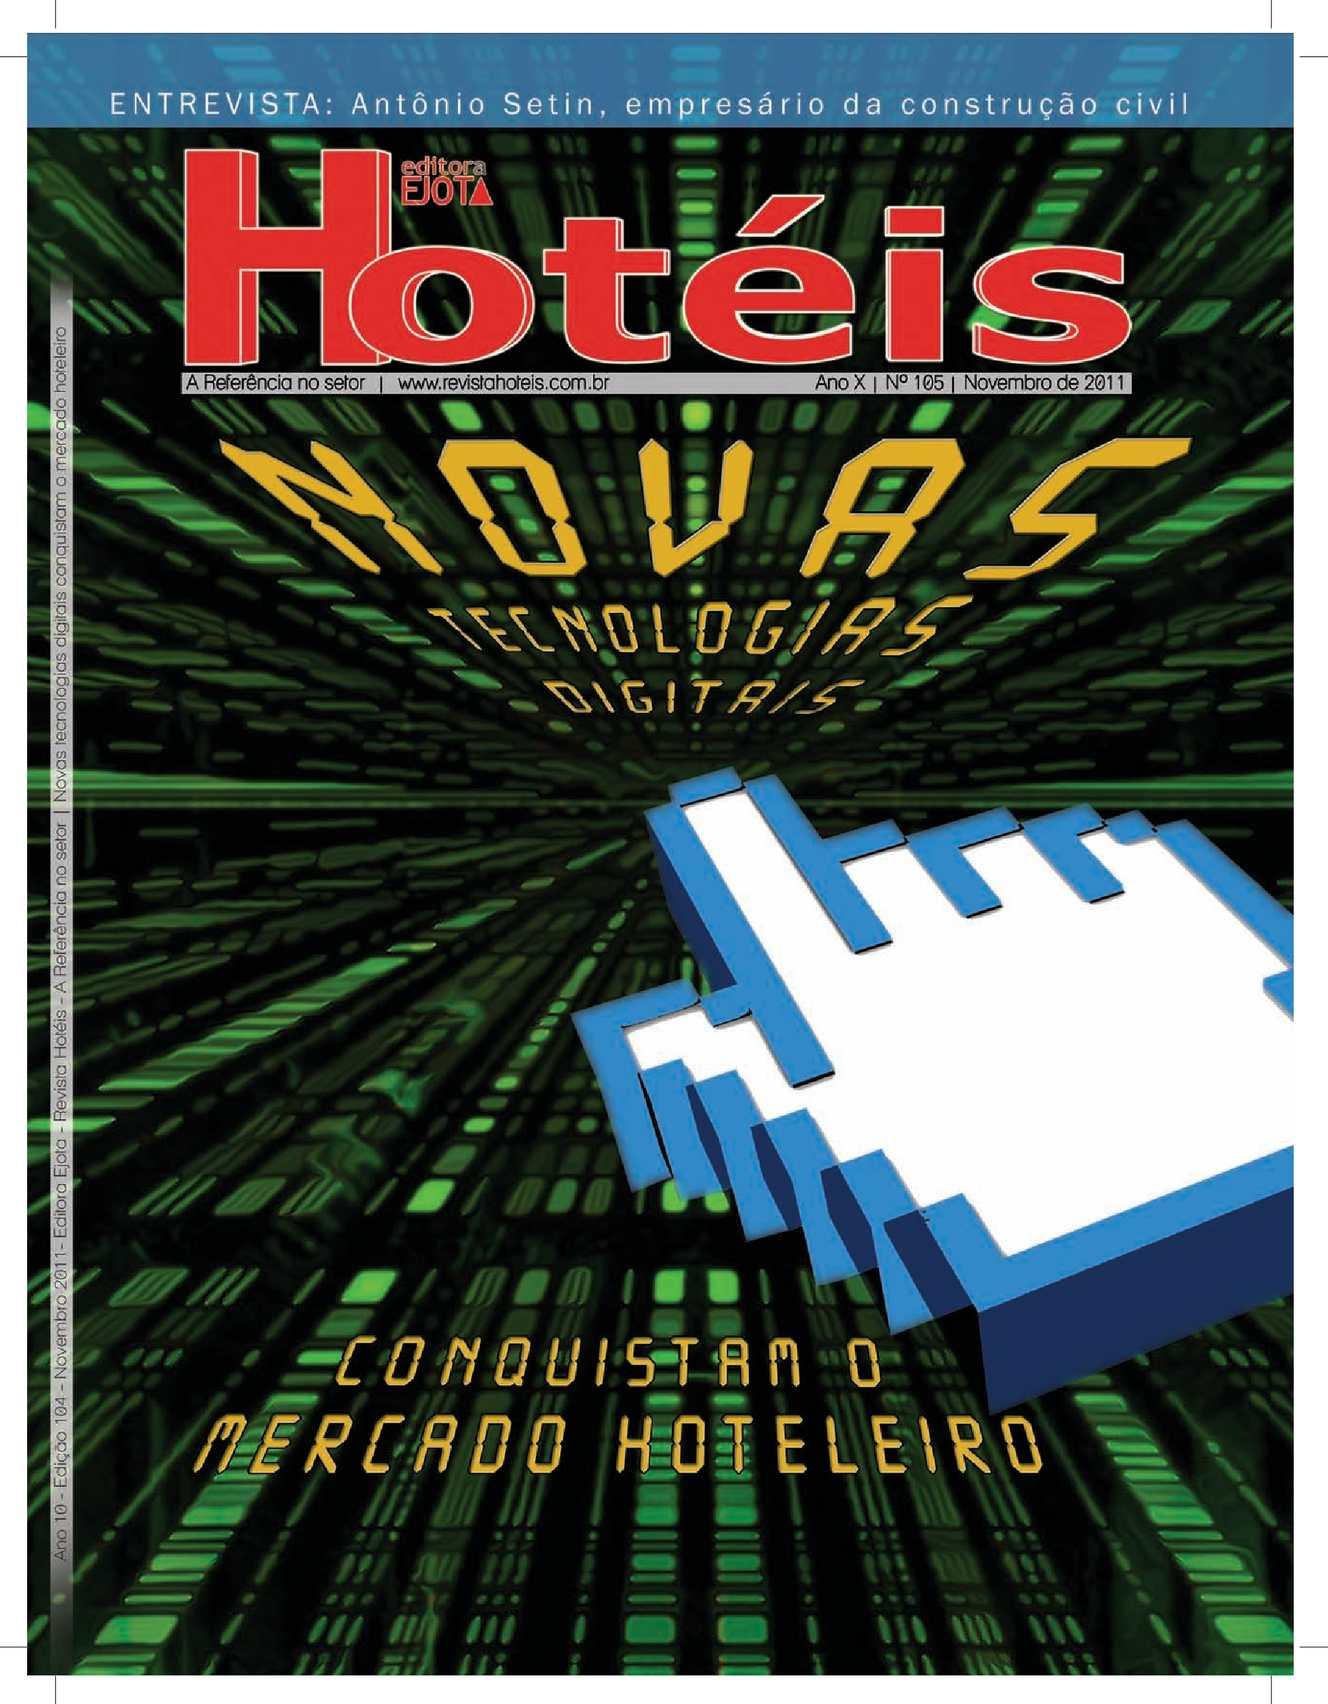 14bd05261c Calaméo - Revista Hotéis edição 105